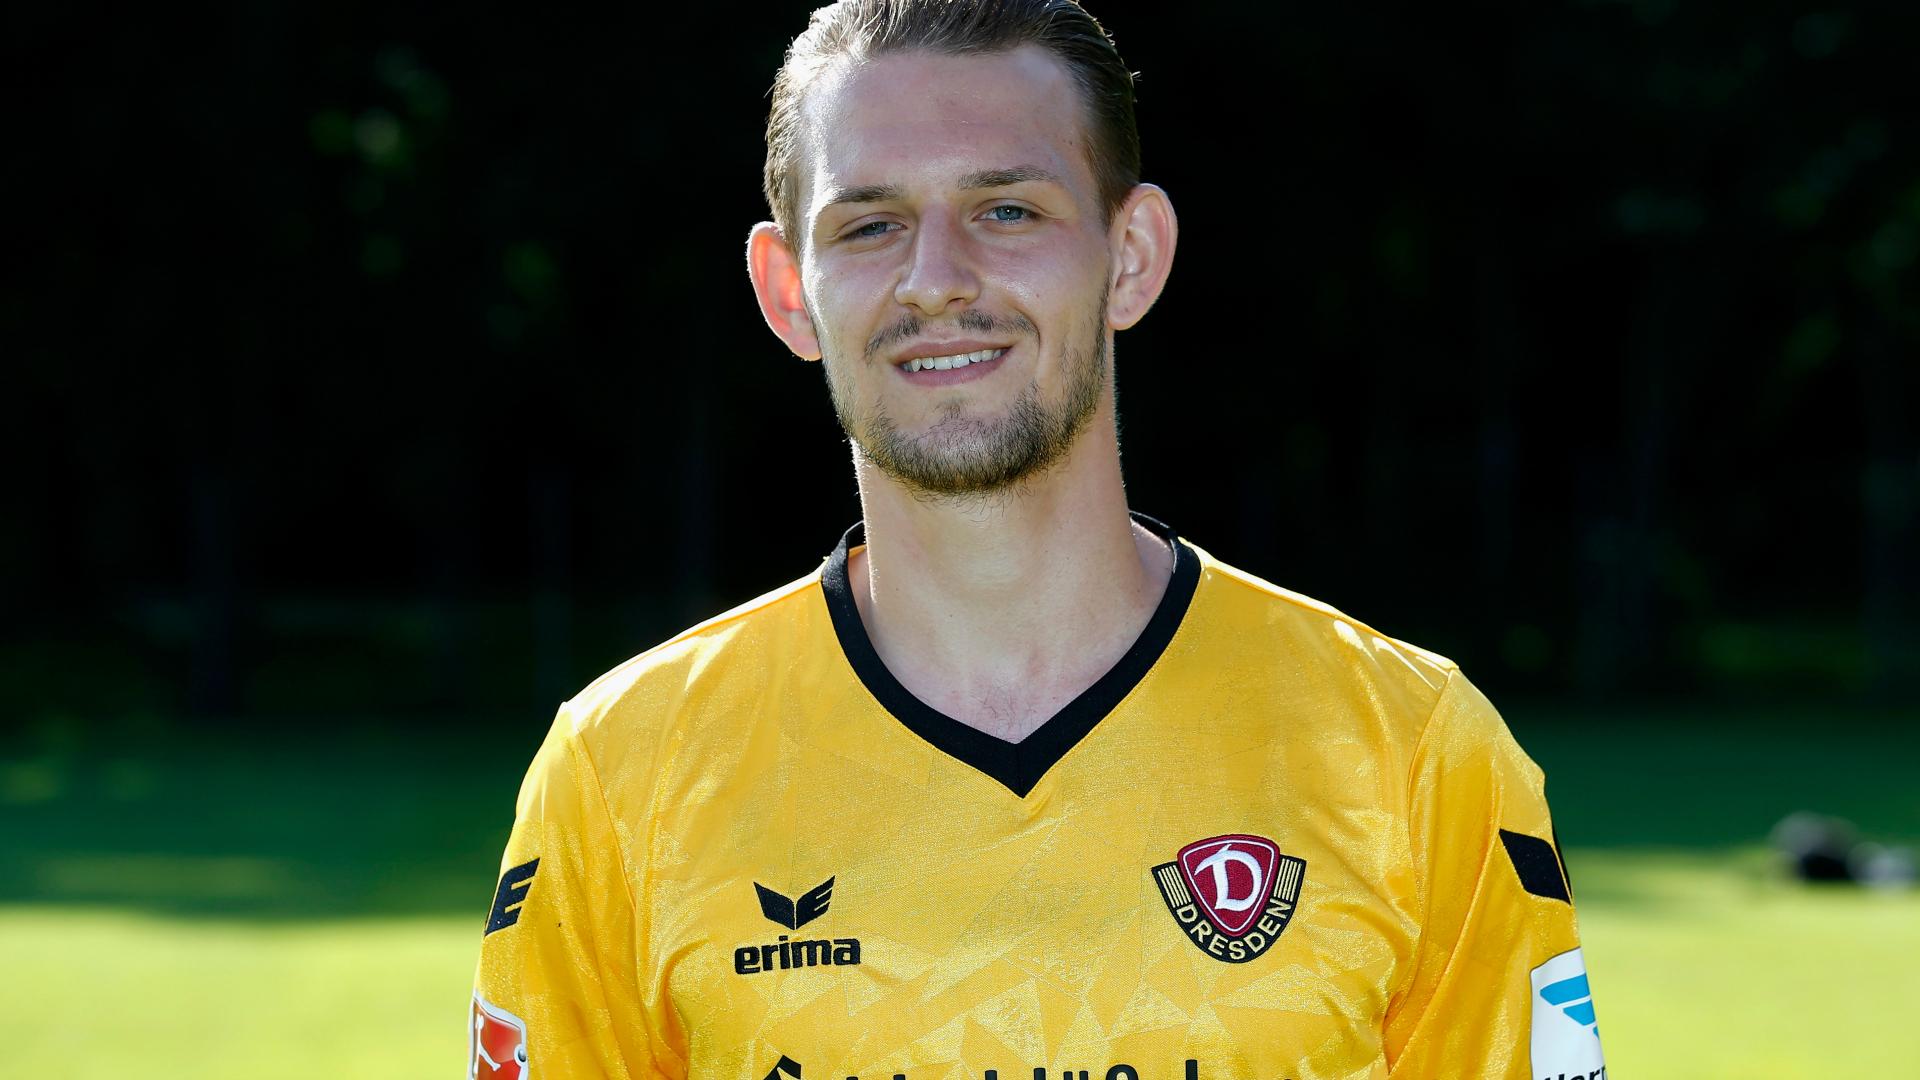 Dinamo Dresda, Wachs vittima di una sparatoria: operato d'urgenza